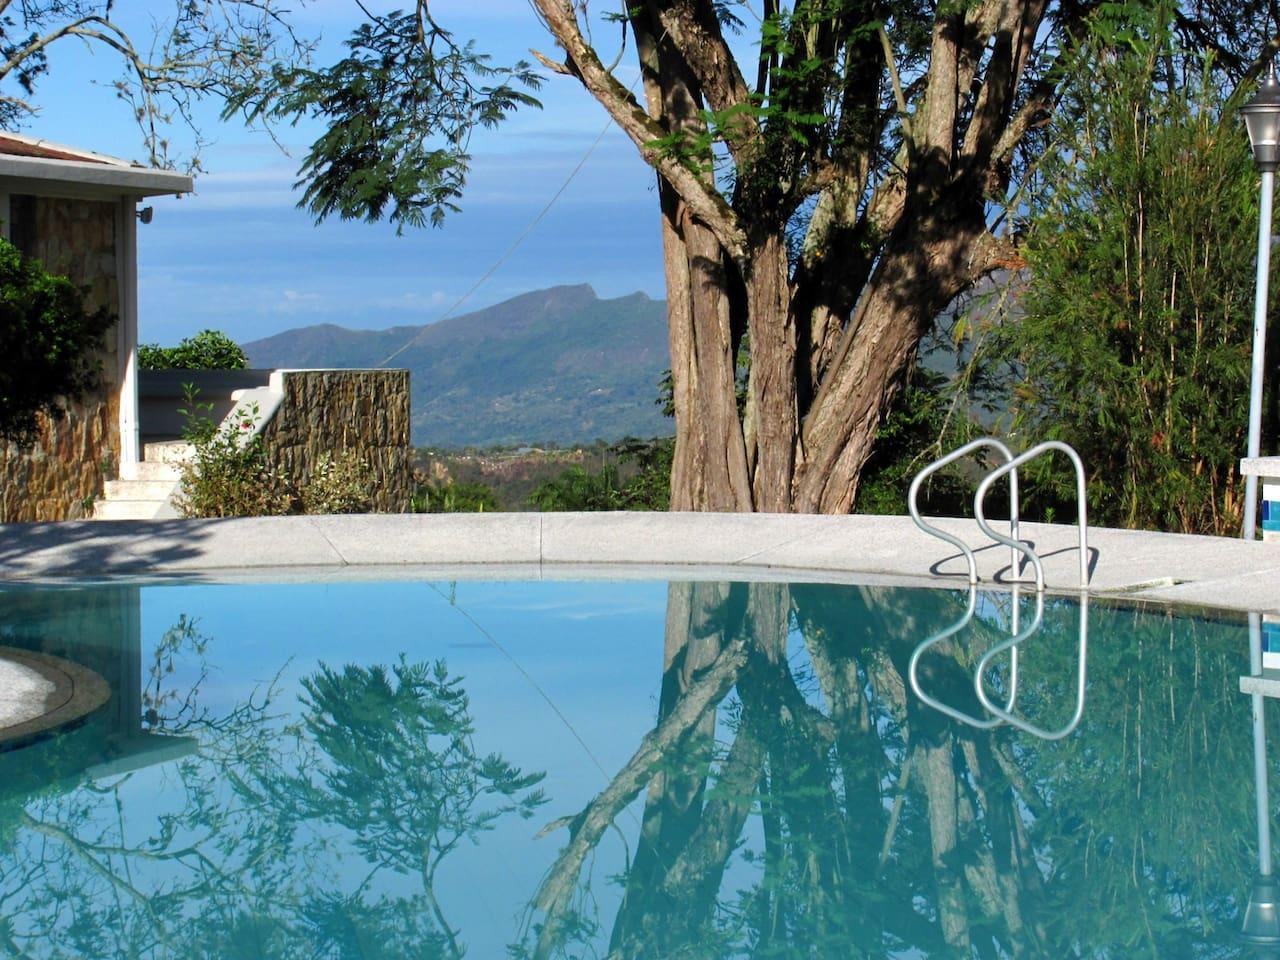 Piscina y casa de arquitectura propia de los años 50 sobre 8 hectáreas de bosques y jardines con vista al paisaje montañoso